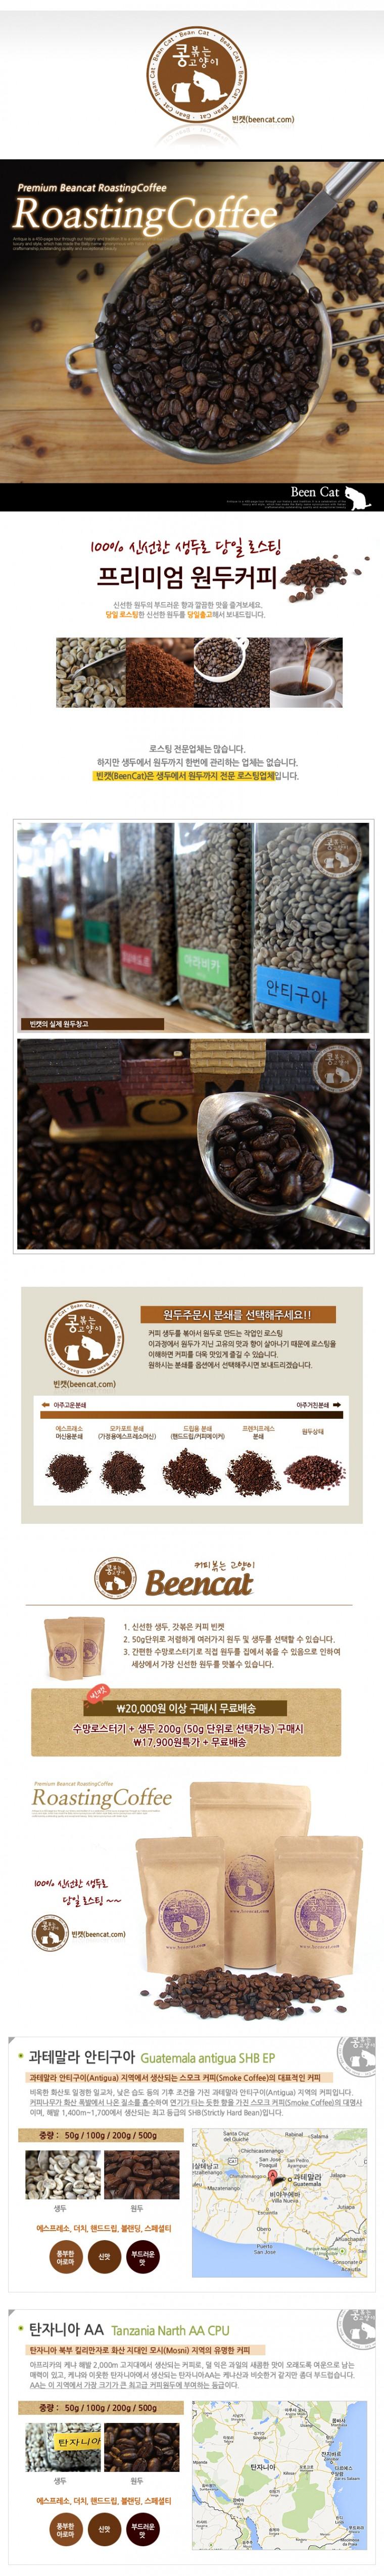 커피이미지대행